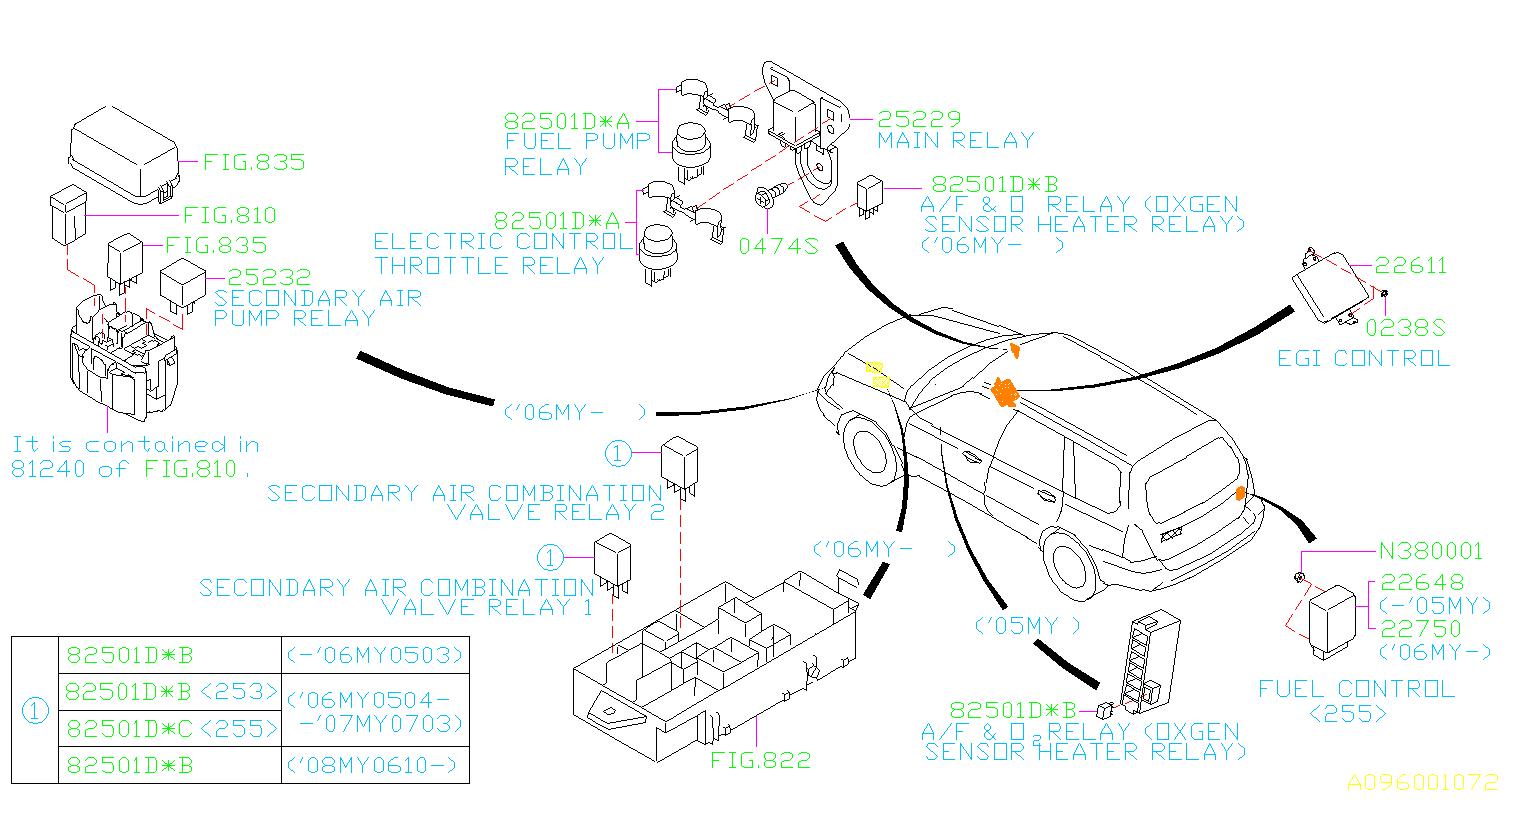 Subaru Forester Contorol Fuel Pump  Control Fuel Pump  Engine  Sensor  Relay  Cooling